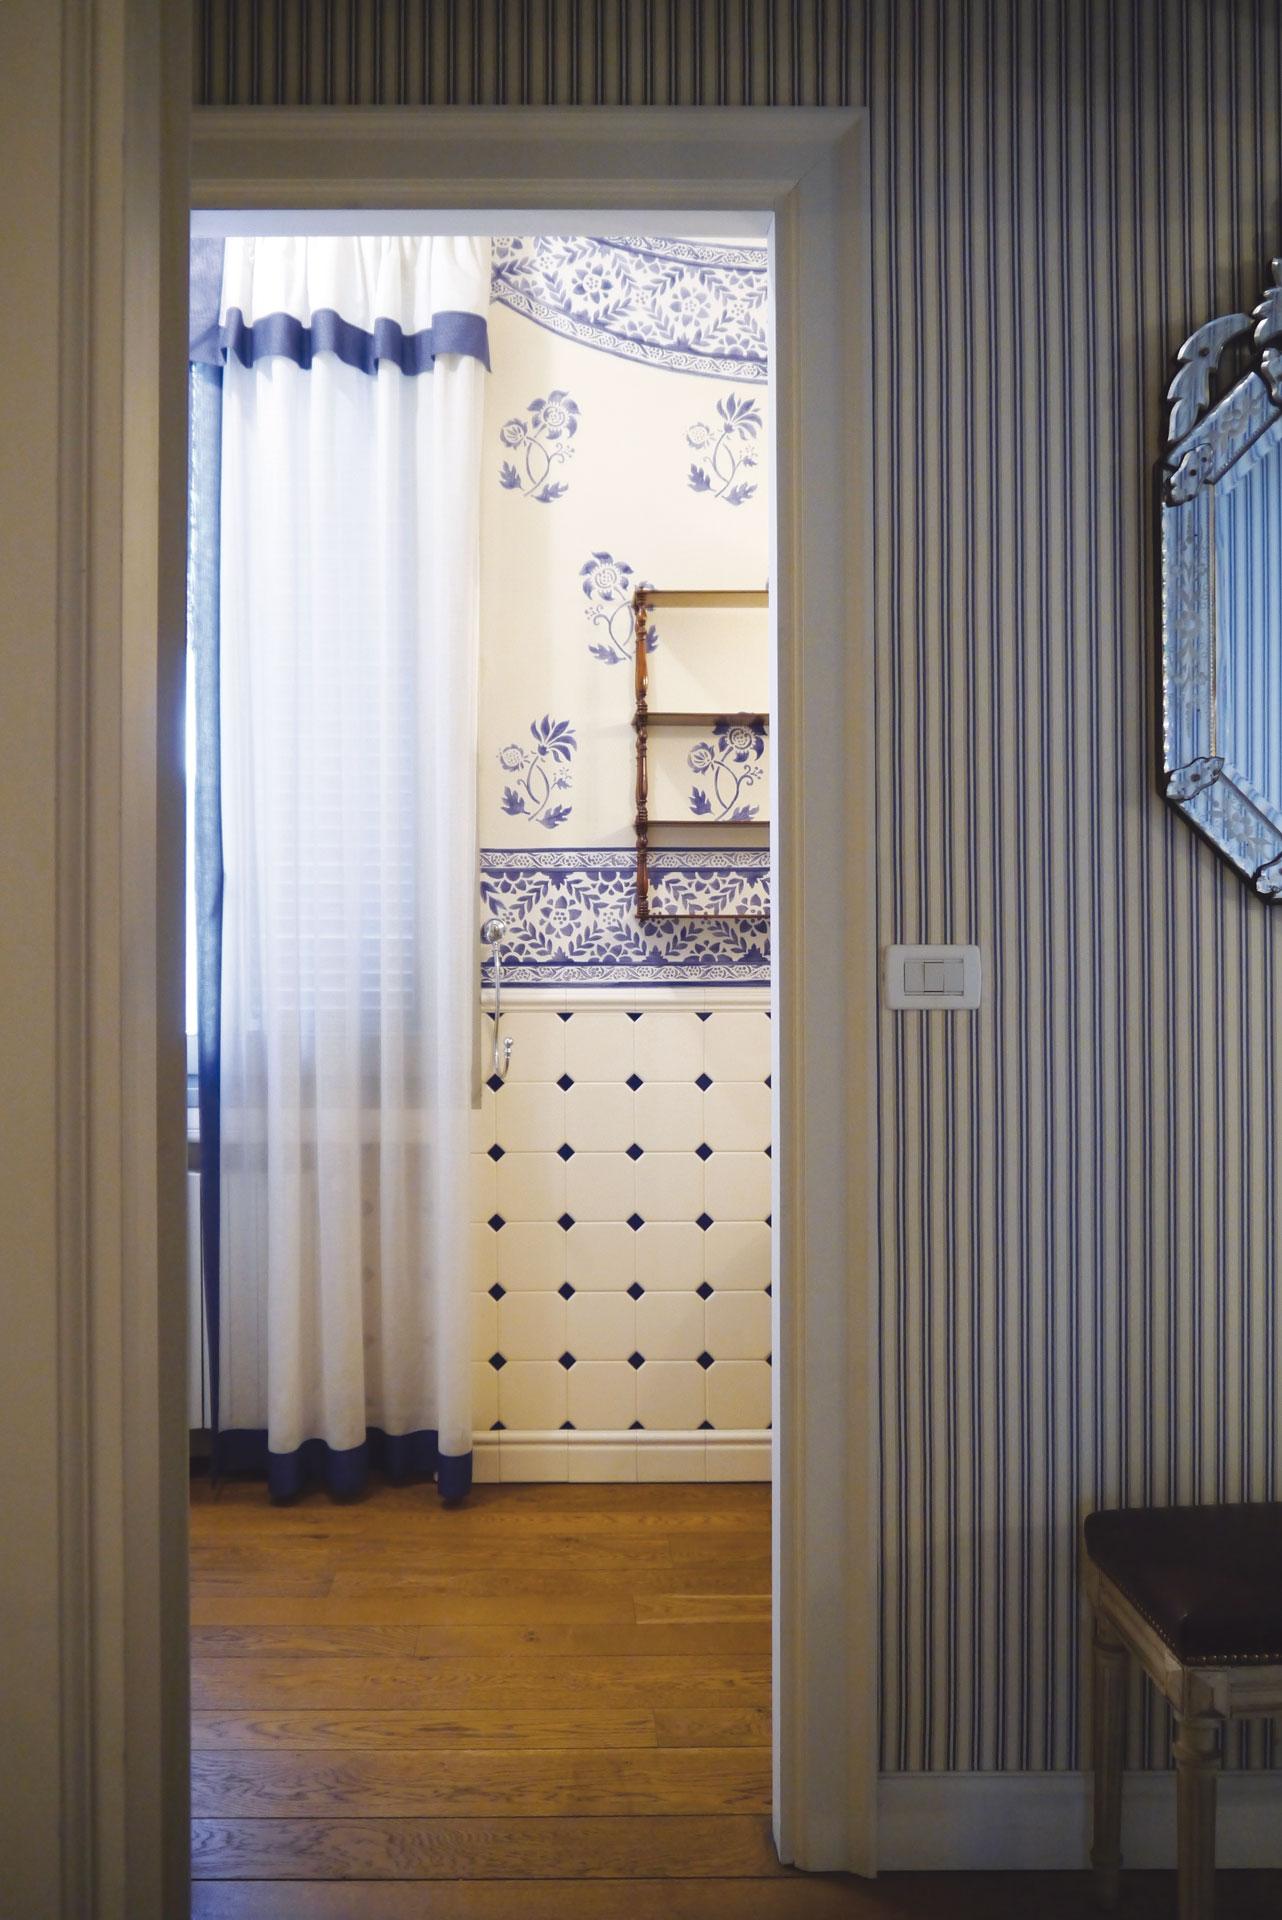 Bagni ricamati decorazione pittorica di interni bologna - Blog decorazione interni ...